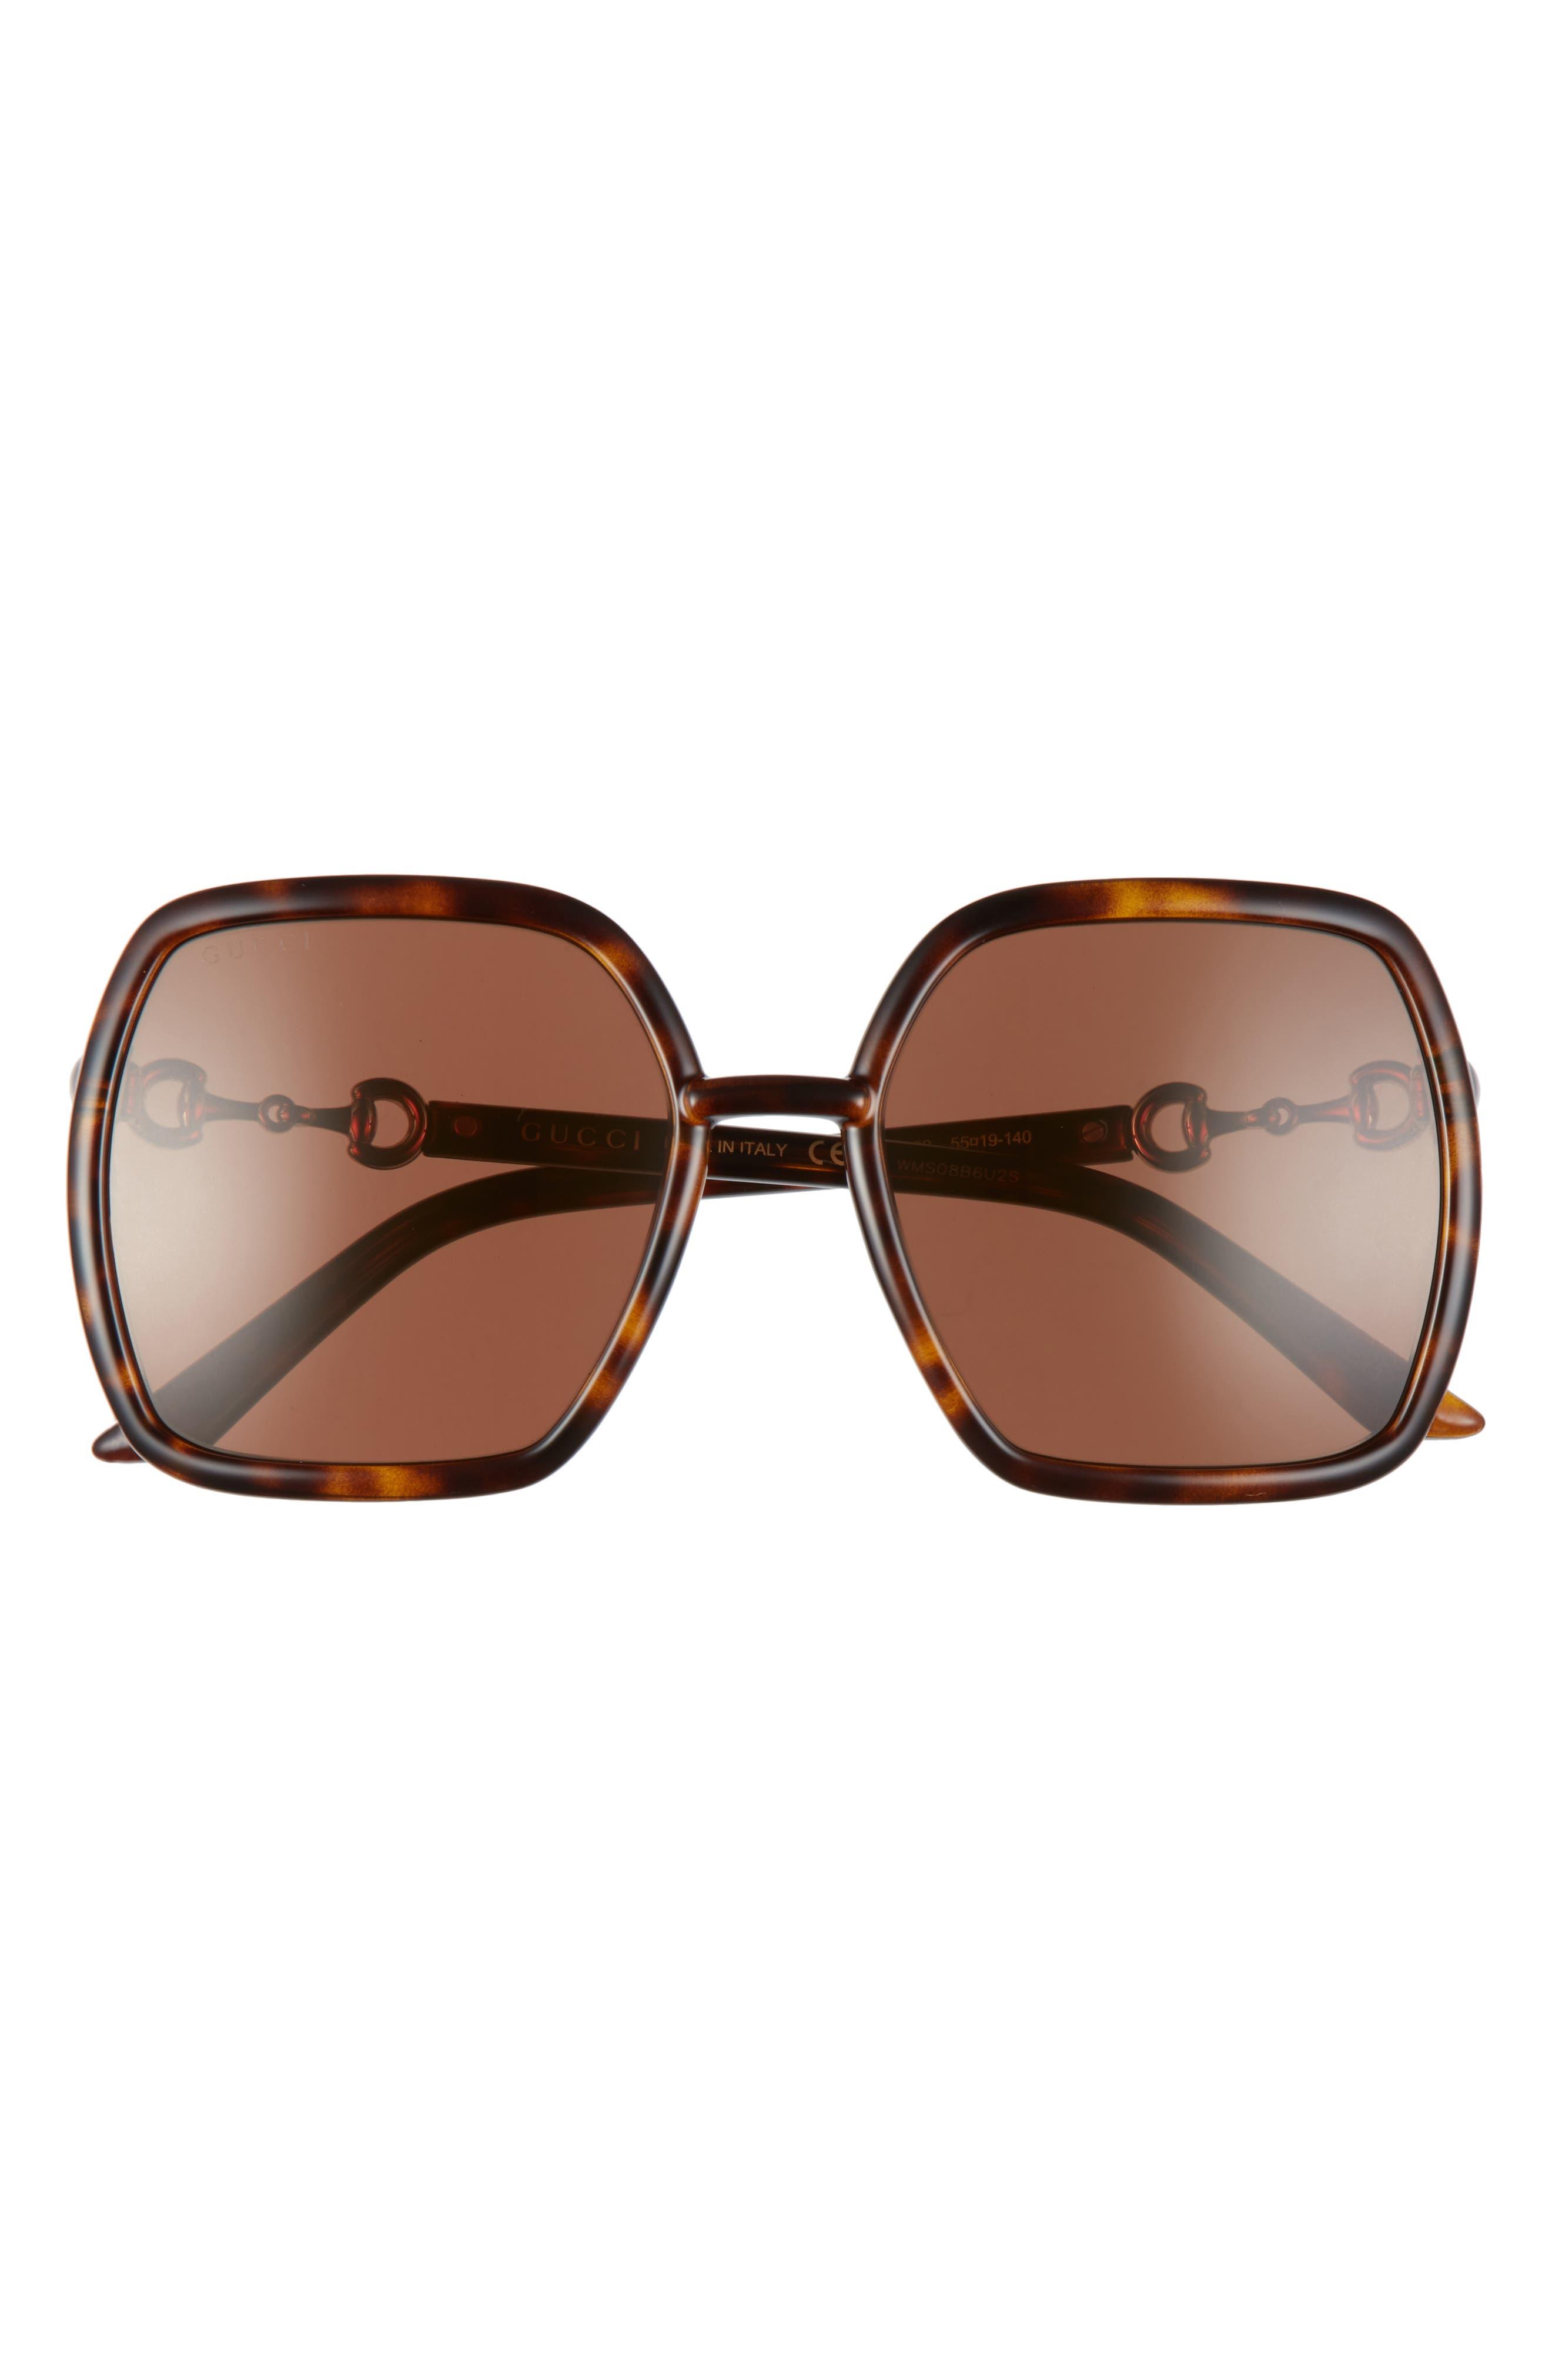 Women's Gucci 55mm Square Sunglasses - Havana/ Brown